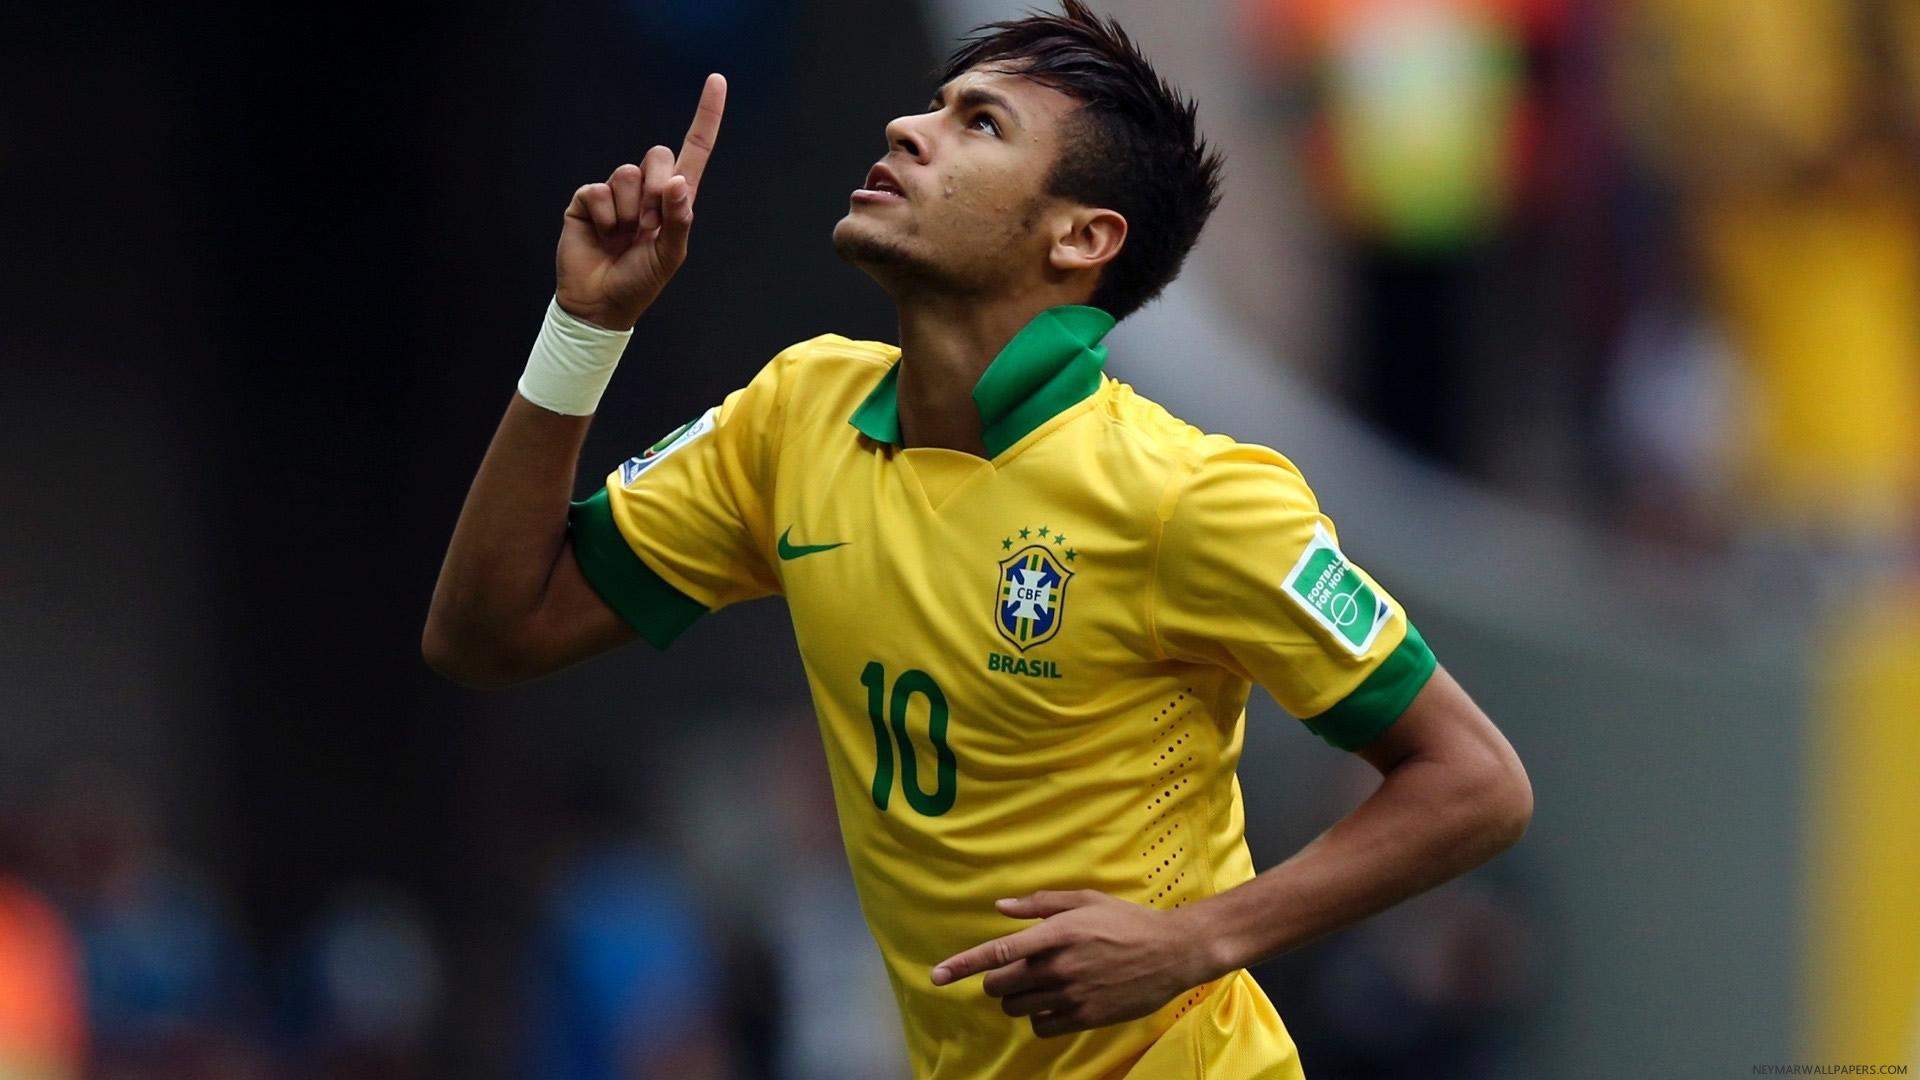 Neymar in Brazil yellow jersey wallpaper